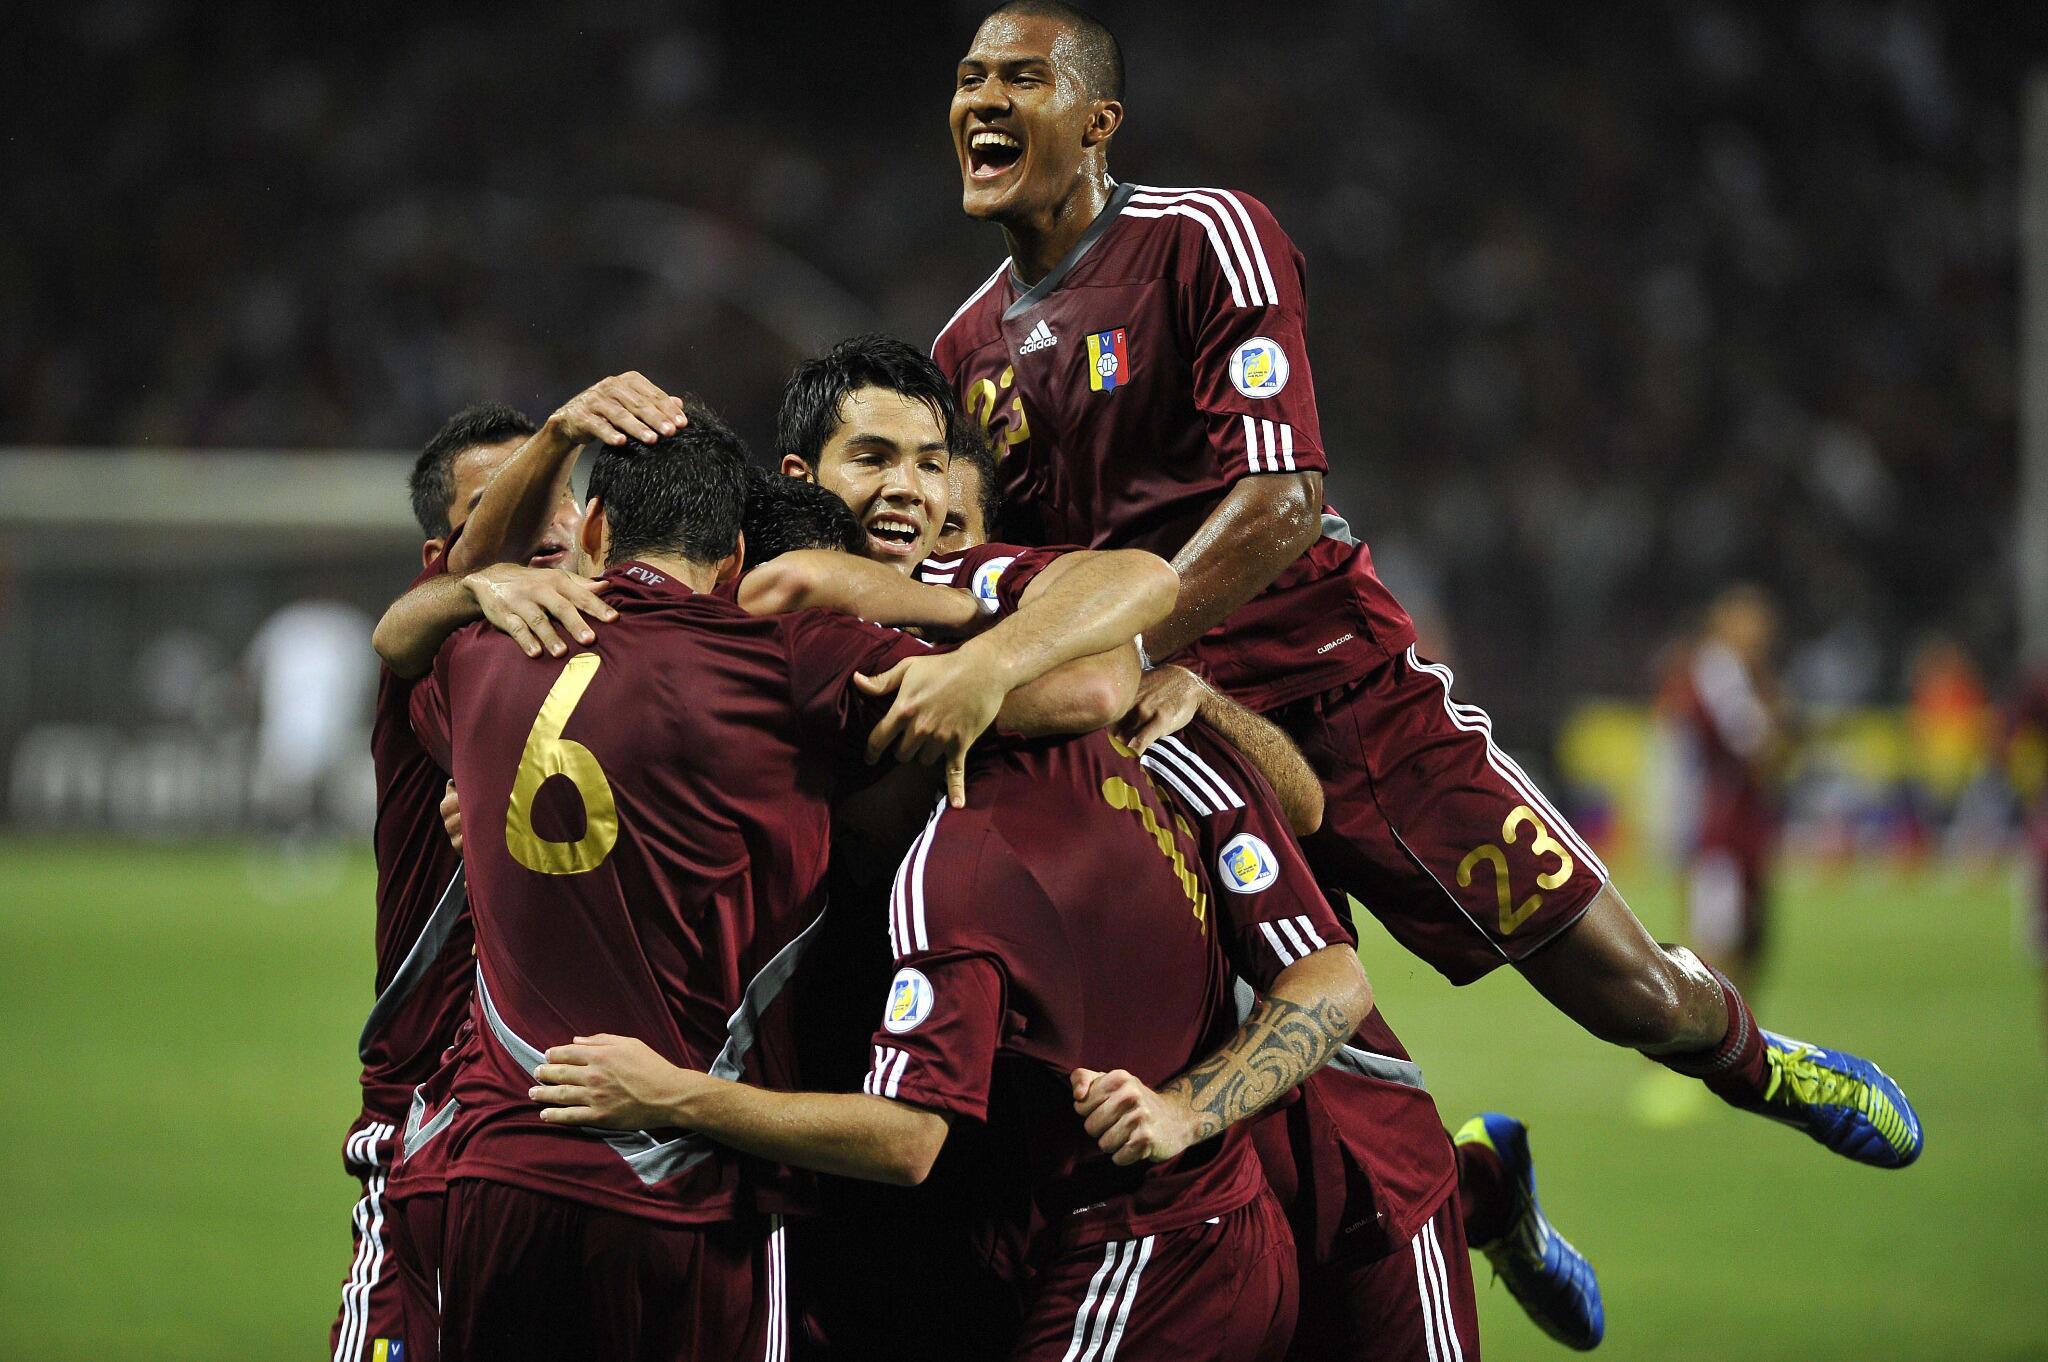 #FotoDePortada   Venezuela celebrando su primera victoria contra Argentina en las eliminatorias mundialistas http://t.co/F0bCVCpeST